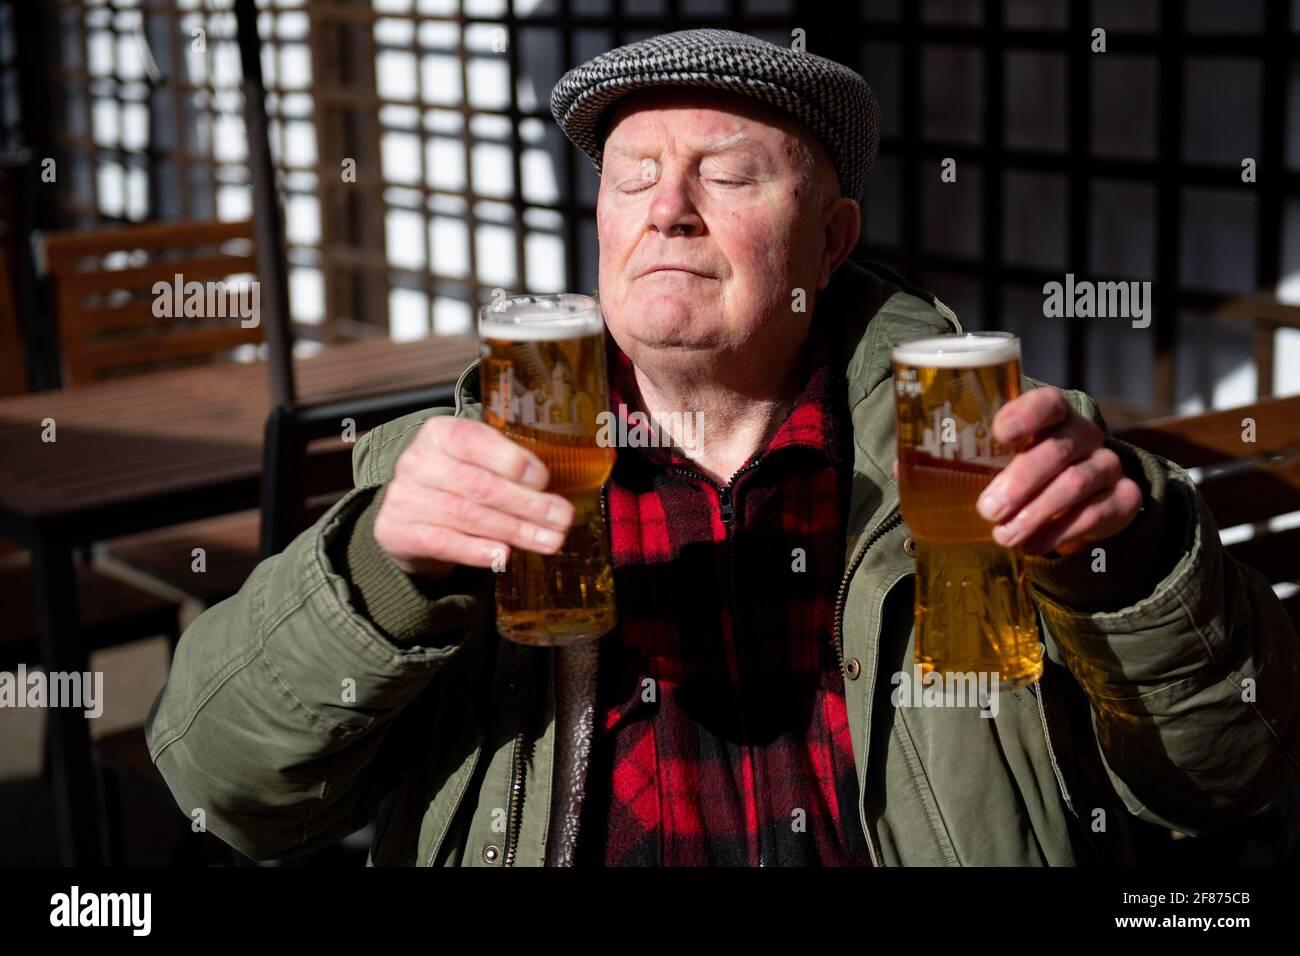 John Witts disfruta de una bebida en la reapertura de la Figura de ocho pub, en Birmingham, mientras Inglaterra da otro paso atrás hacia la normalidad con la mayor relajación de las restricciones de bloqueo. Fecha de la foto: Lunes 12 de abril de 2021. Foto de stock